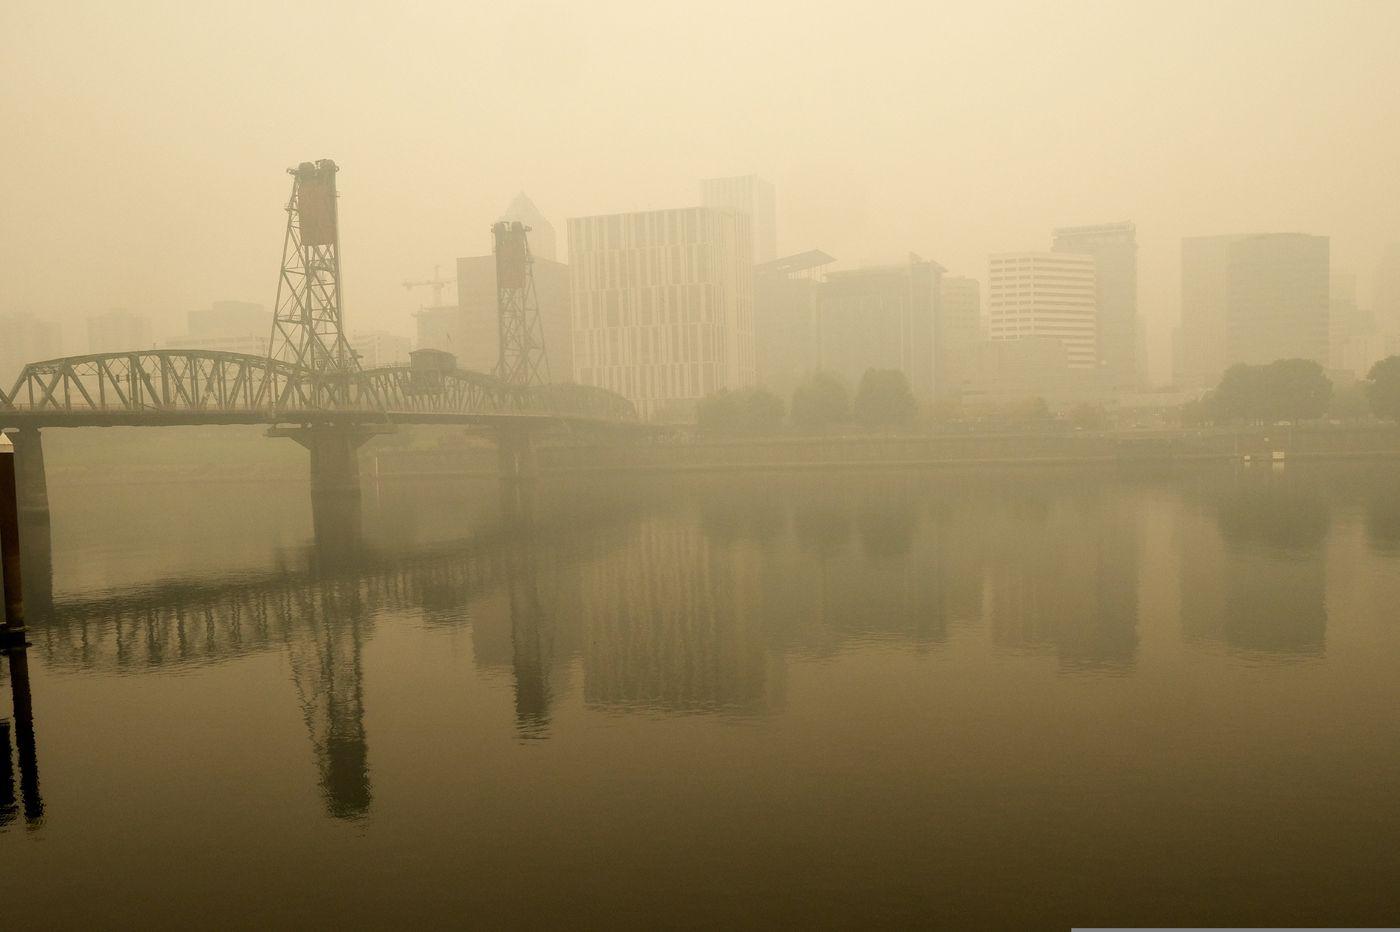 Thành phố ô nhiễm vì khói bụi